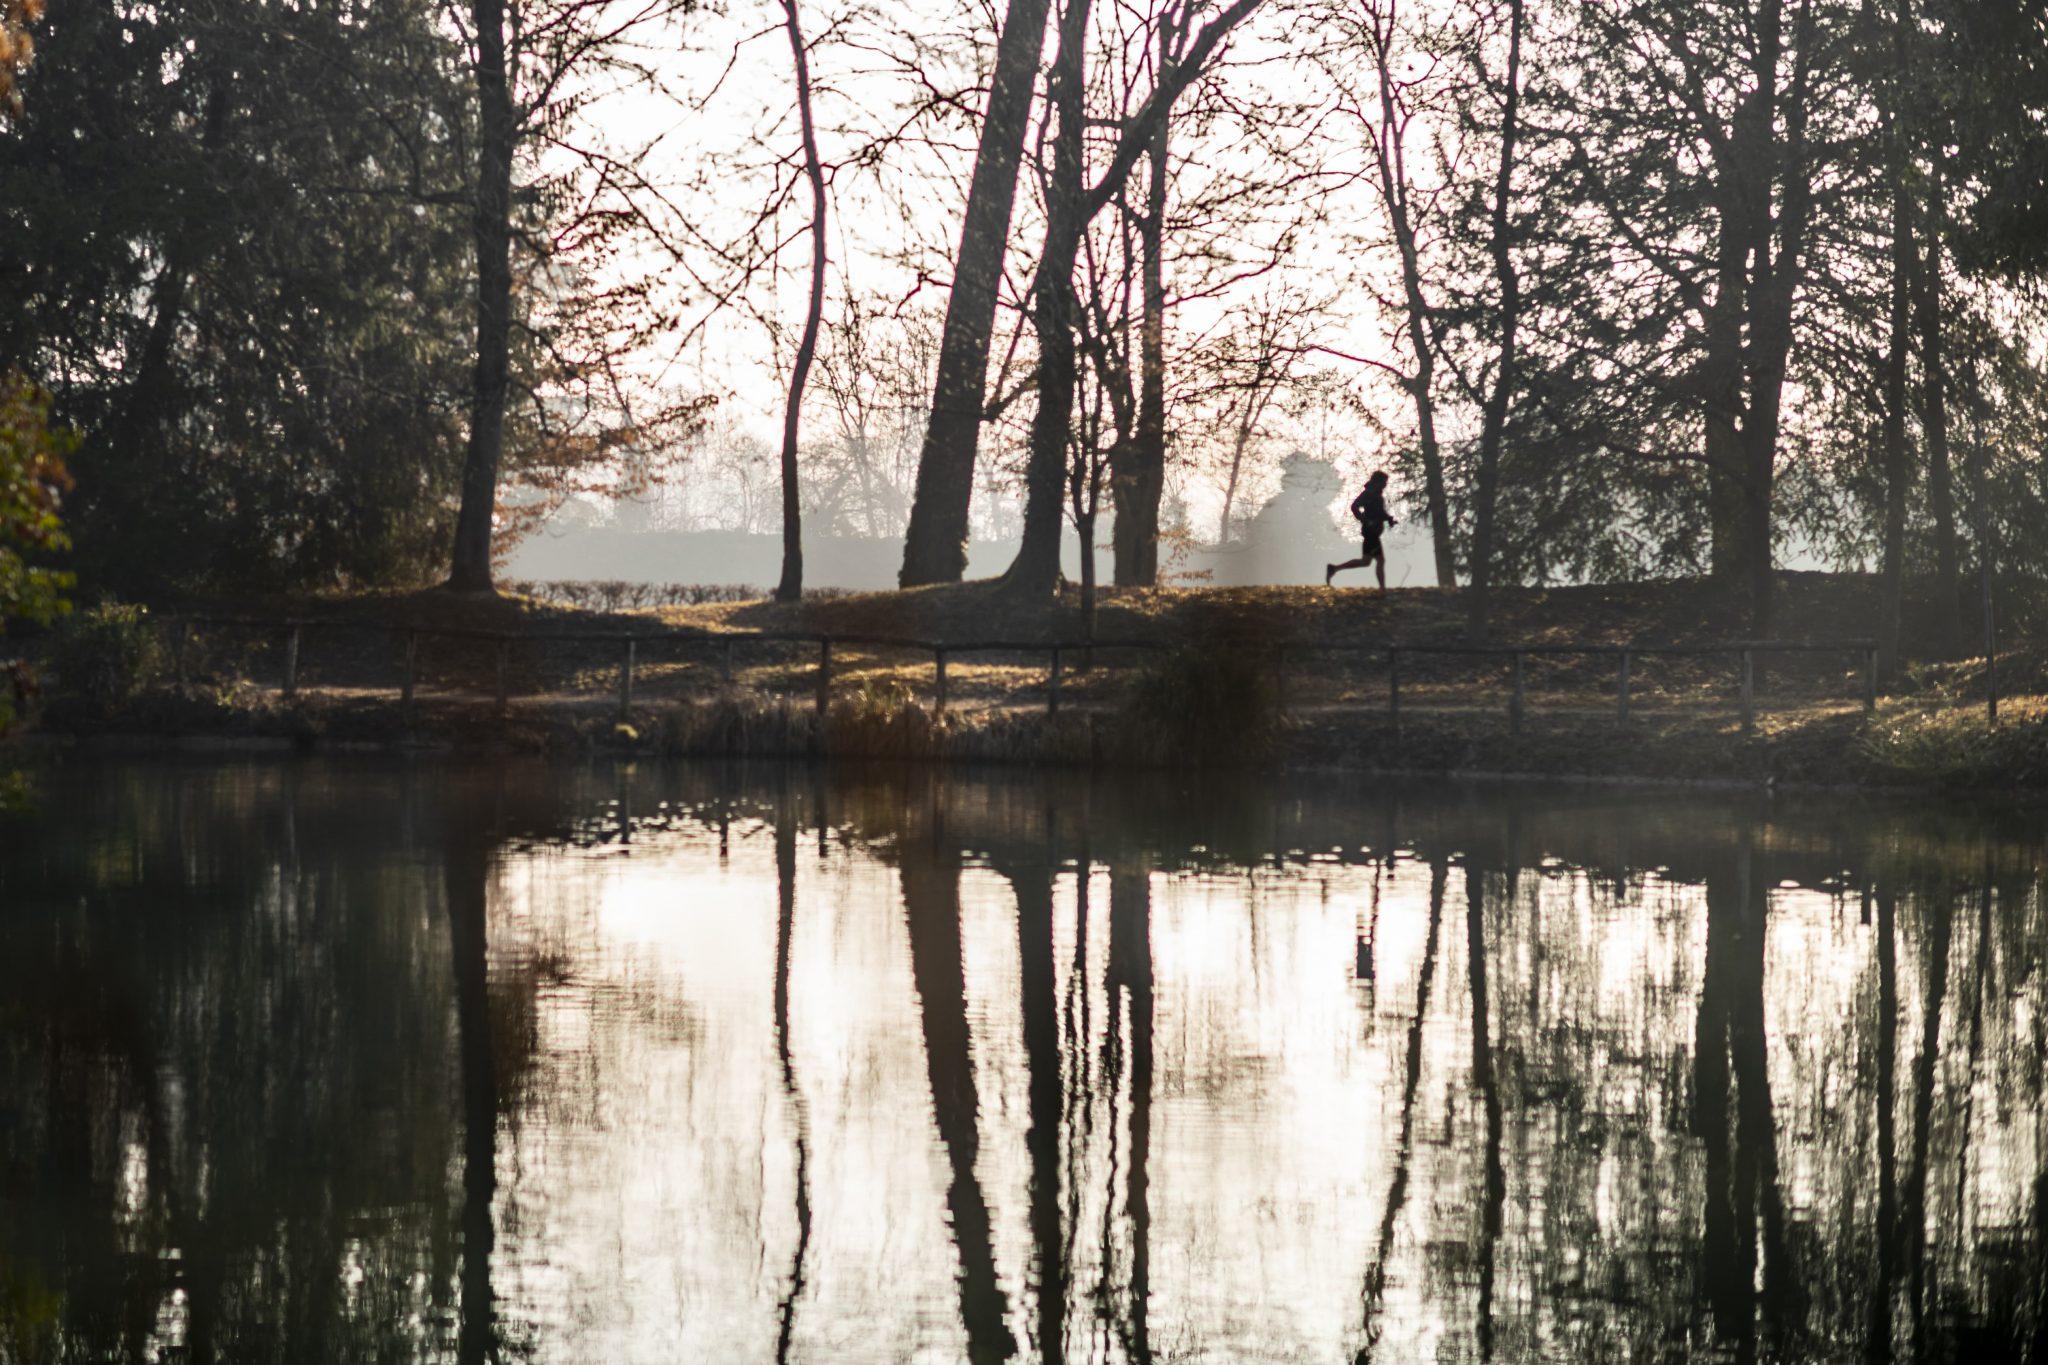 il corridore famoso mentre fa il suo allenamento quotidiano nel parco con il fiume